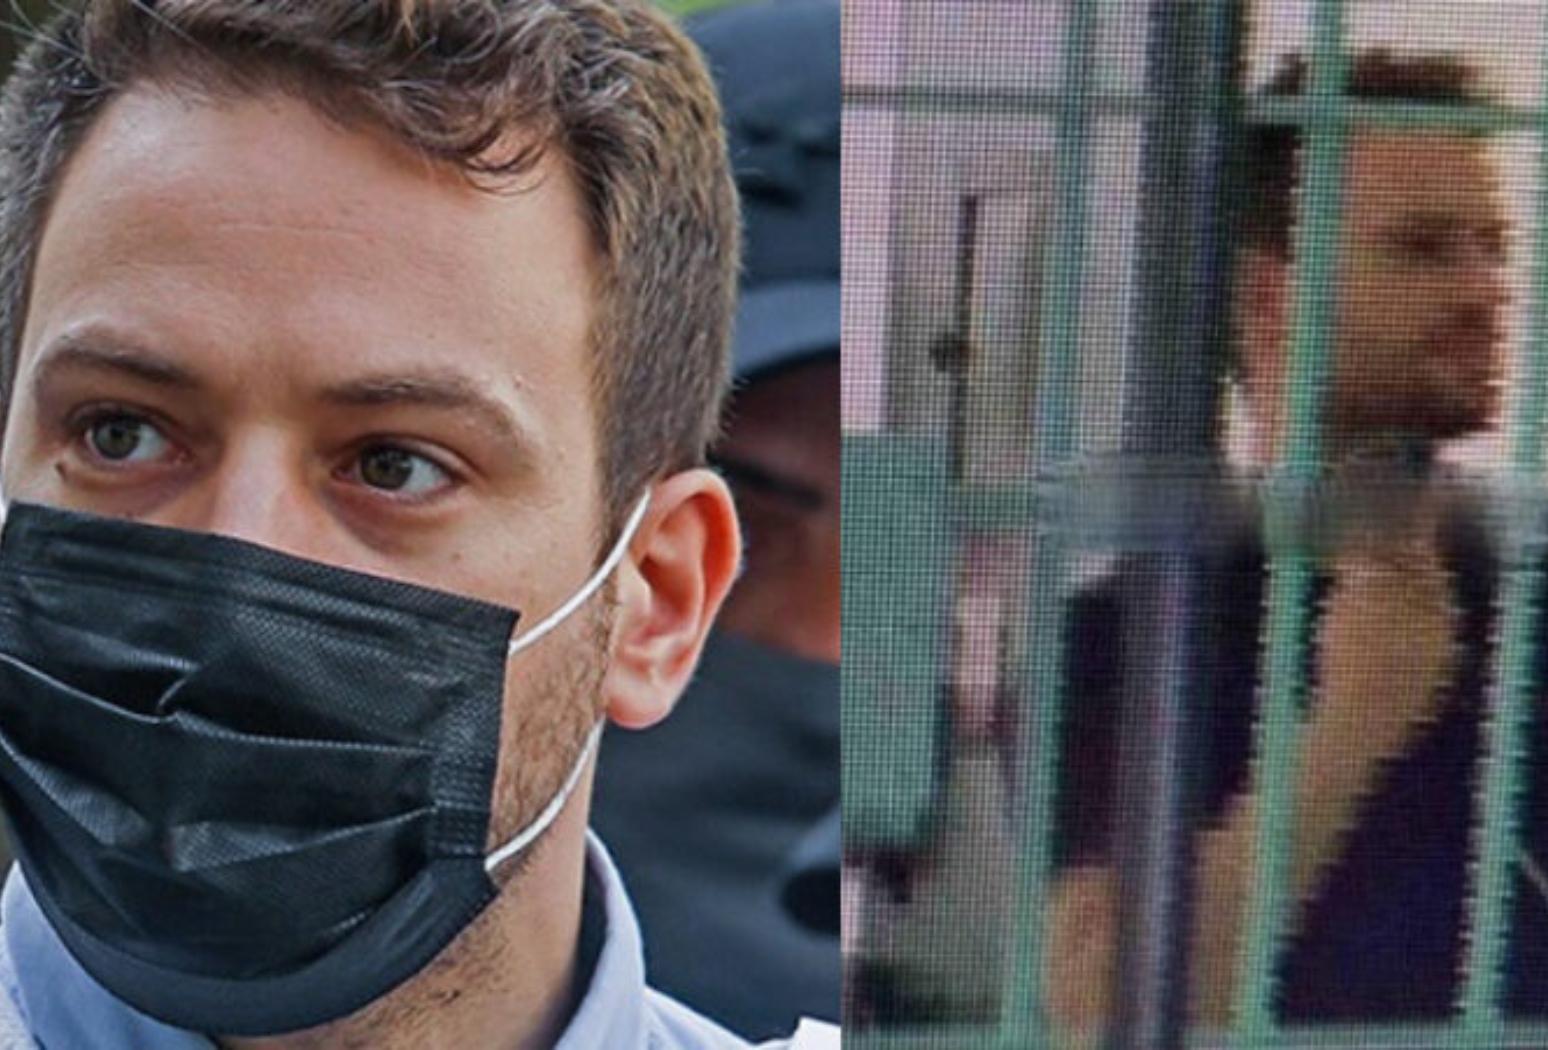 Γλυκά νερα ραγδαίες εξελίξεις :Βοήθησε τον Μπάμπη Αναγνωστόπουλο να κρύψει πως ήταν ο δολοφόνος της Καρολάιν